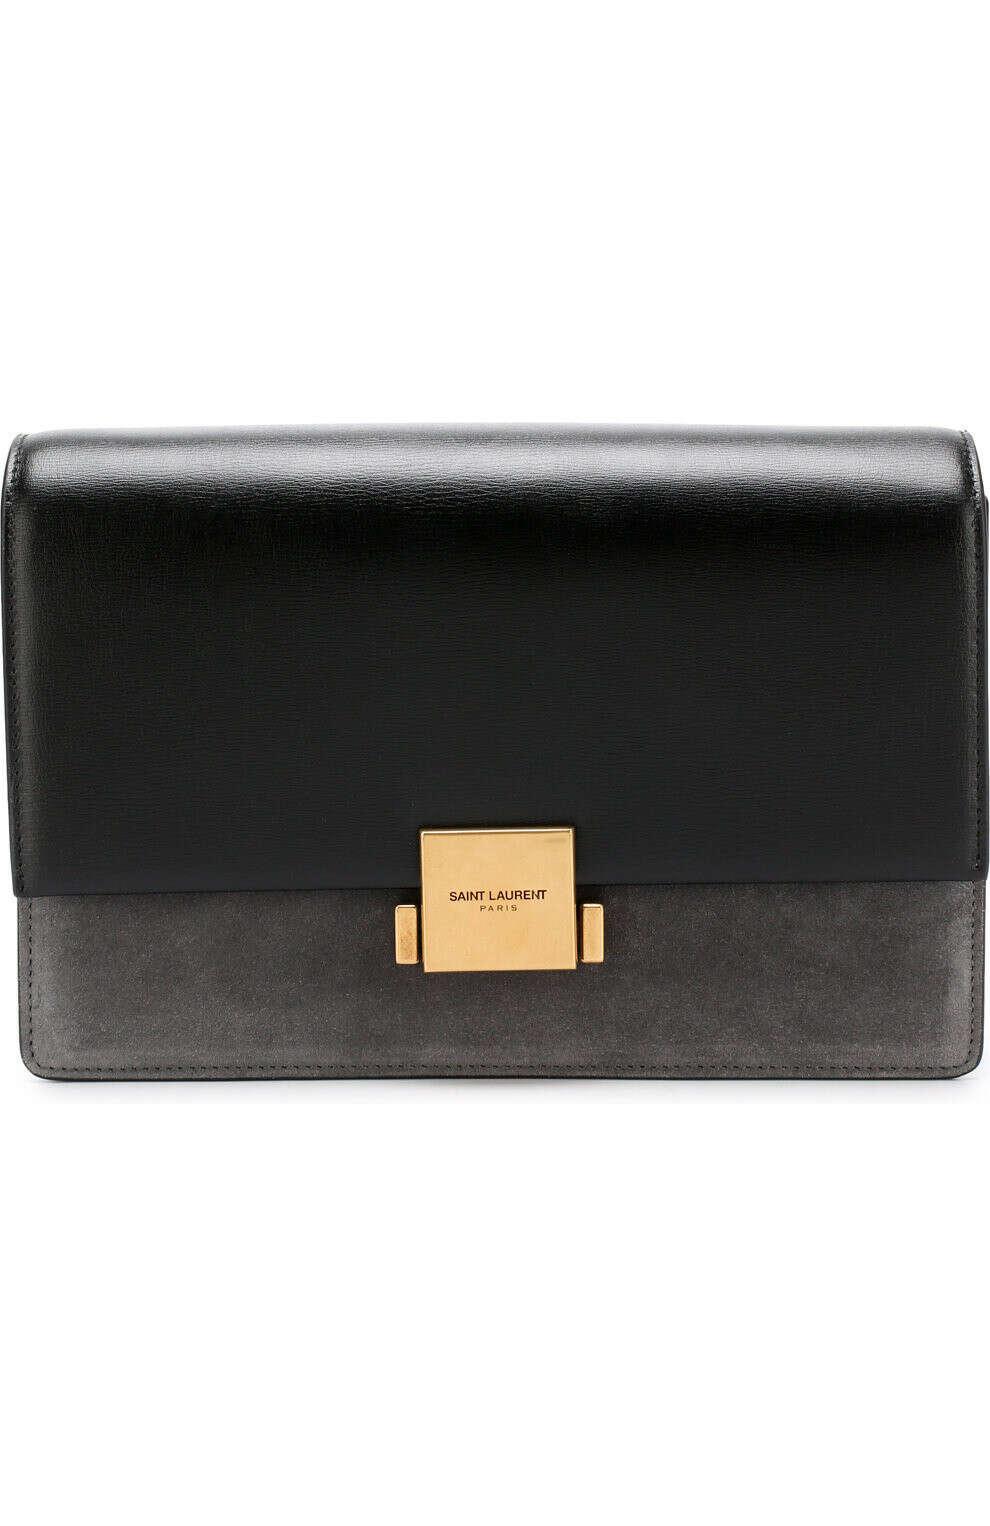 Женская сумка bellechasse medium SAINT LAURENT темно-серая цвета — купить за 109000 руб. в интернет-магазине ЦУМ, арт. 482044/D423W